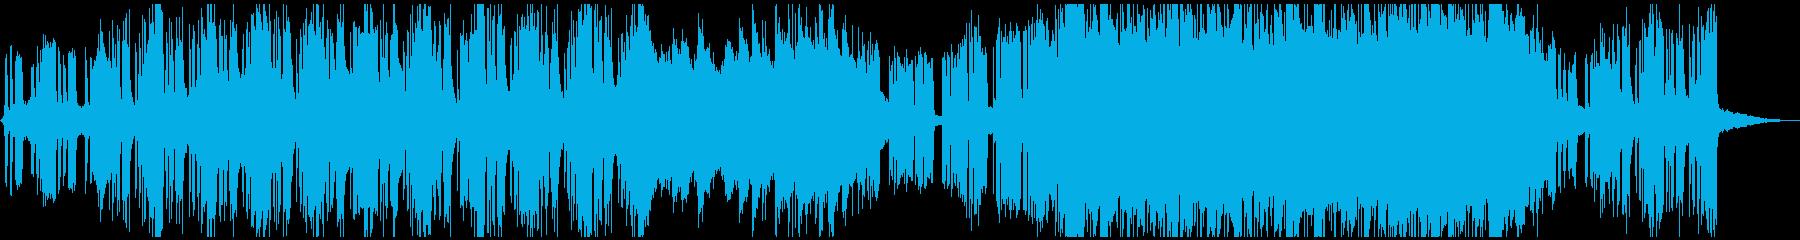 ゆったりしたロック系ゴリゴリBGMの再生済みの波形